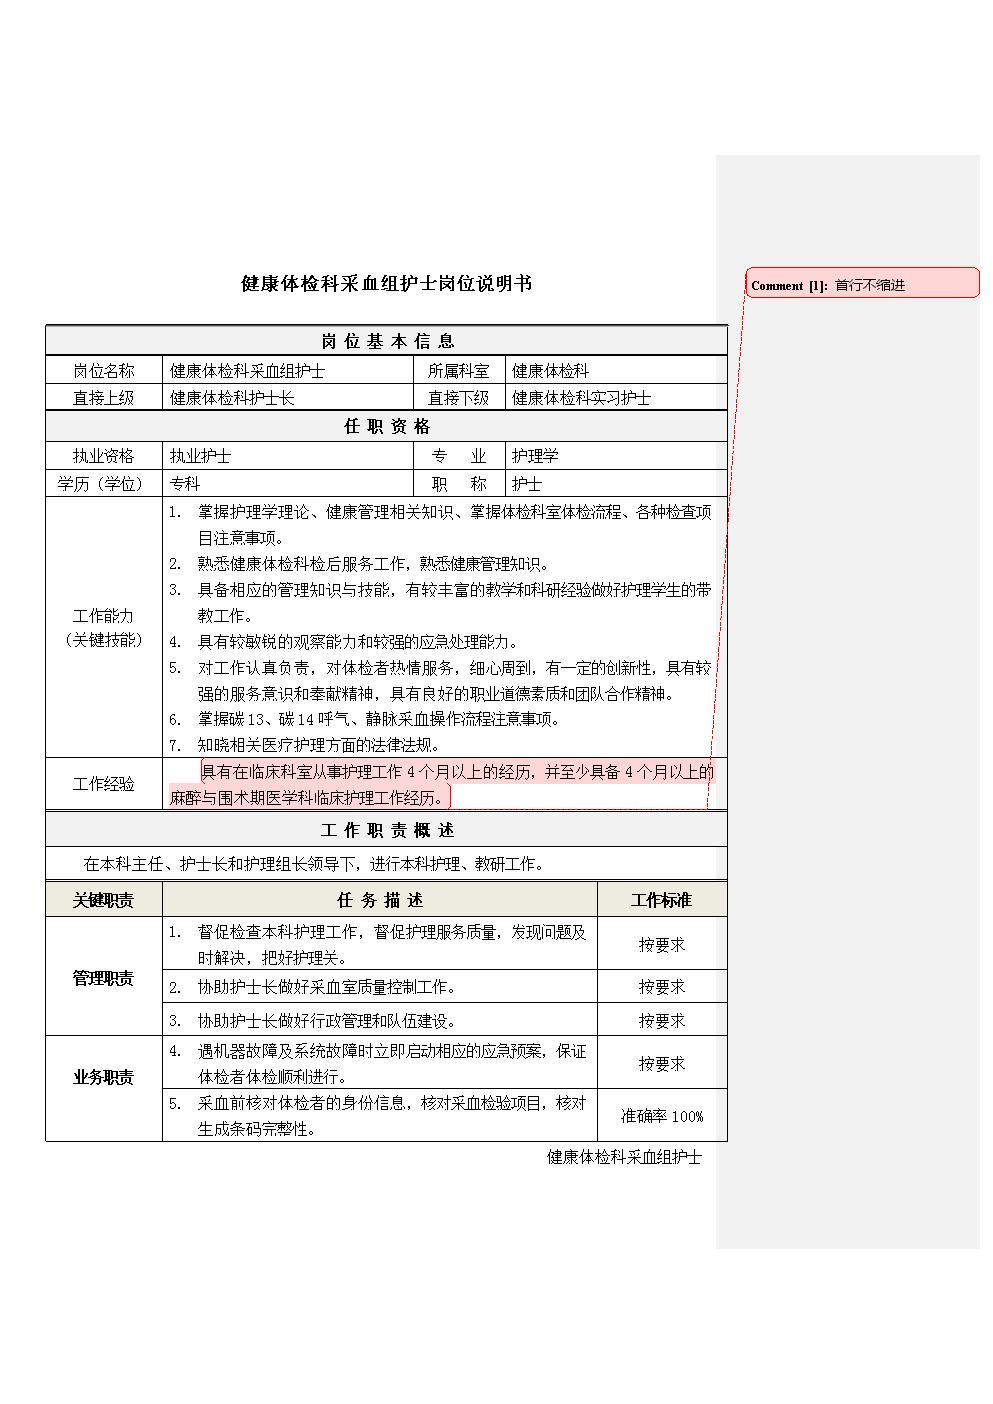 3健康体检科采血组护士岗位说明书.docx